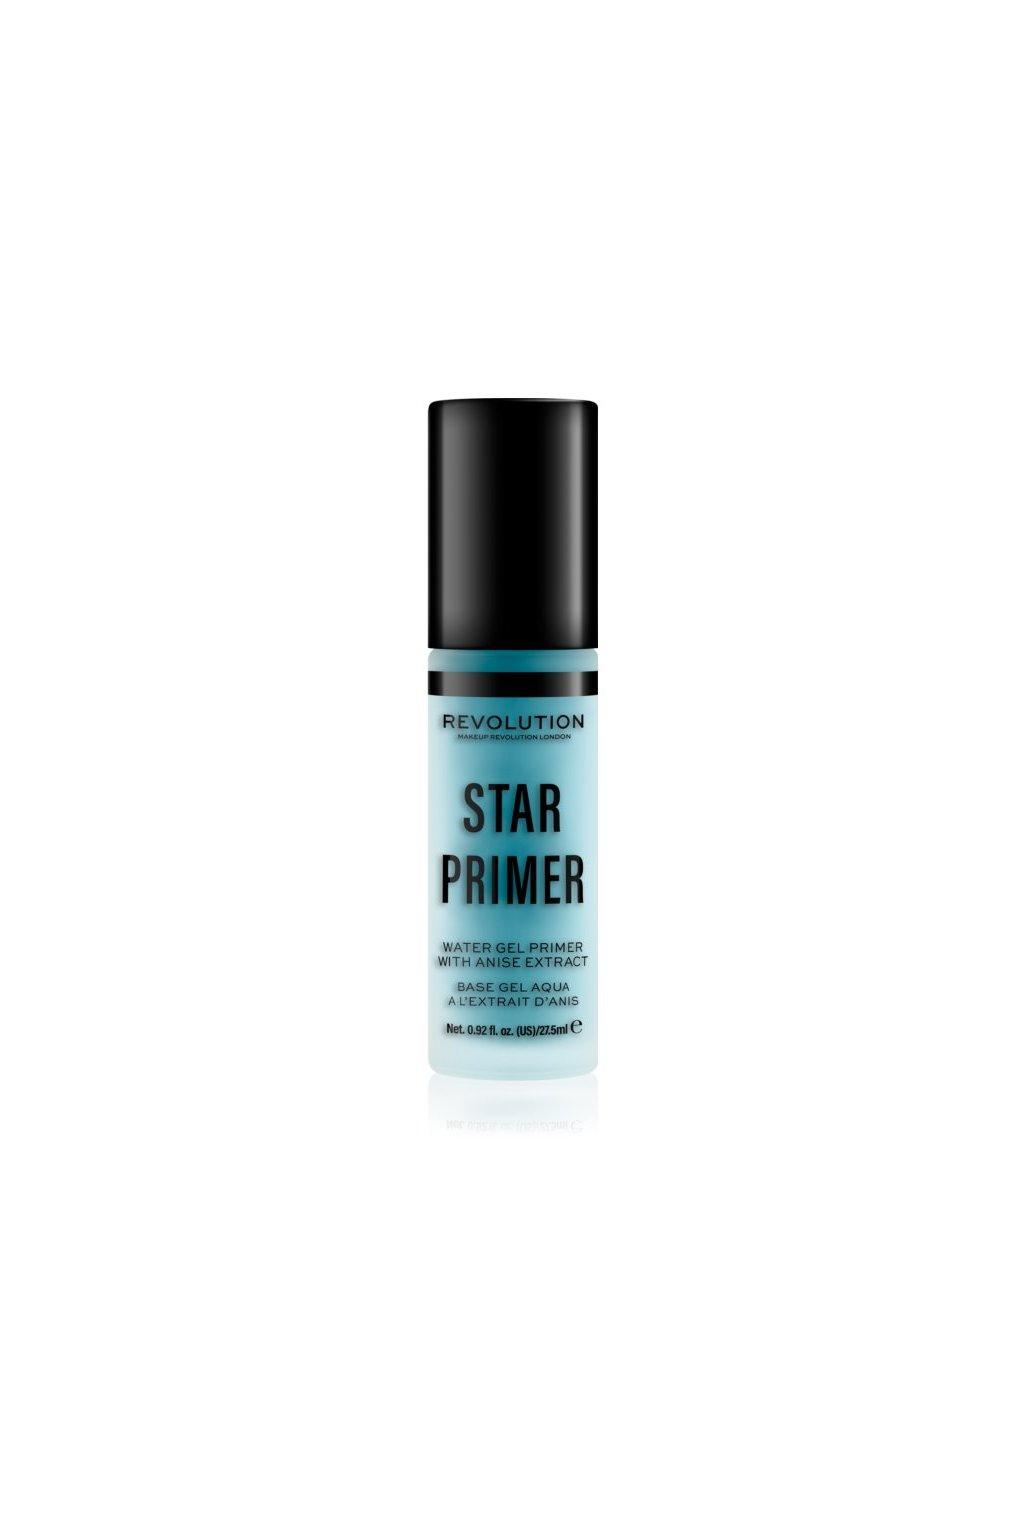 makeup revolution star primer podkladova baze pod make up 27,5 ml